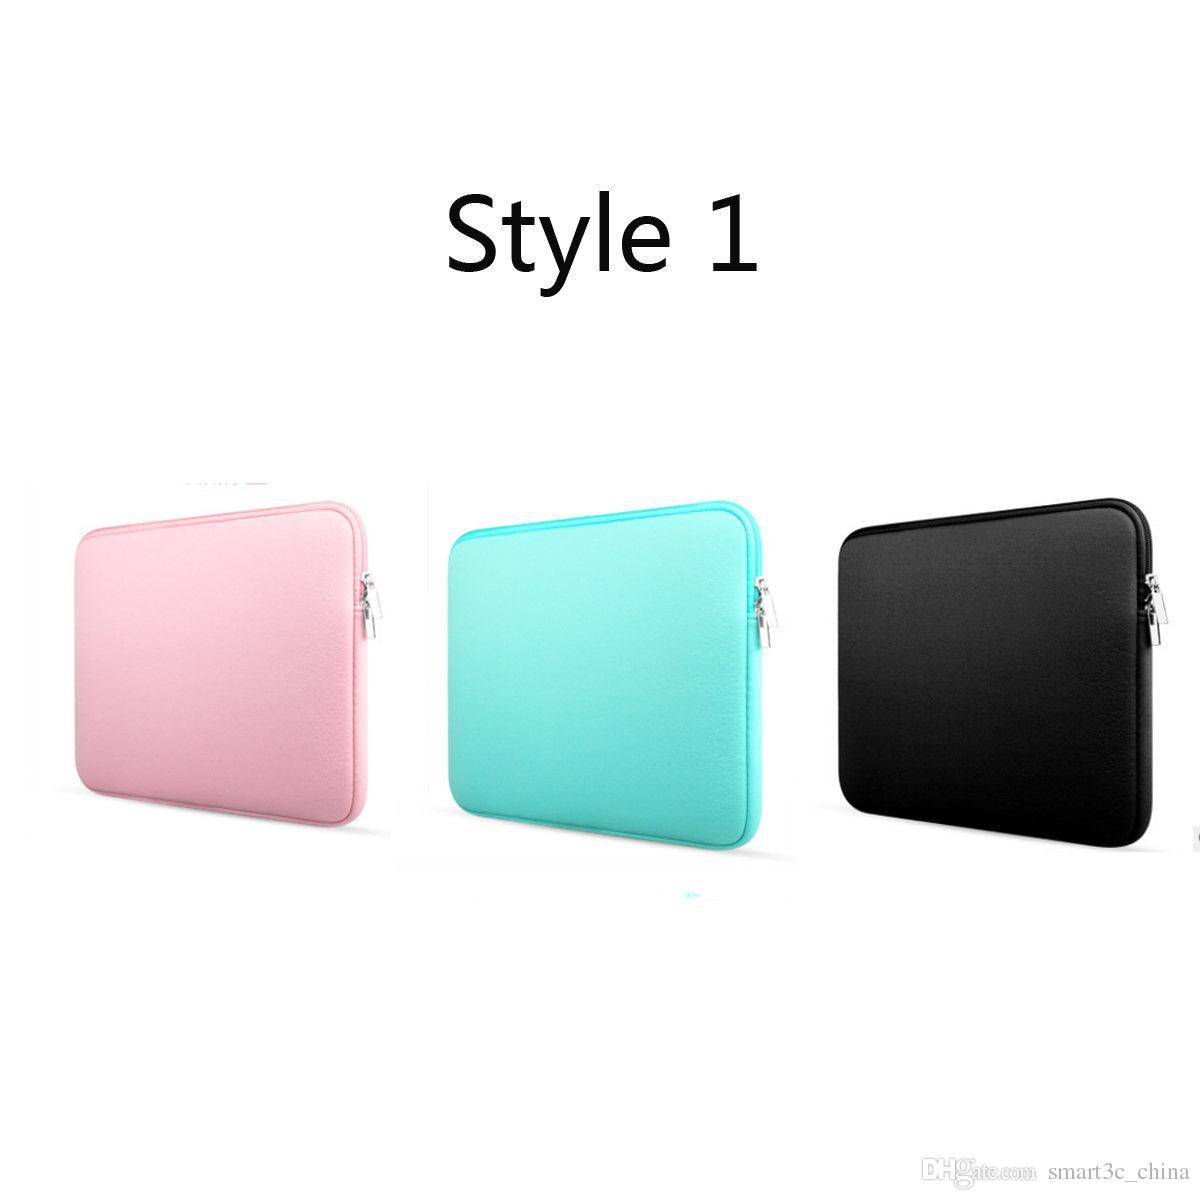 a623a8a416a68 Satın Al Style1 YENI Laptop Sleeve 14, 15.6 Inç Notebook Çantası 13.3  Macbook Pro 13 Kılıf Laptop Kılıfları 11.13, 15 Inç Koruyucu, $4.35 |  DHgate.Com'da